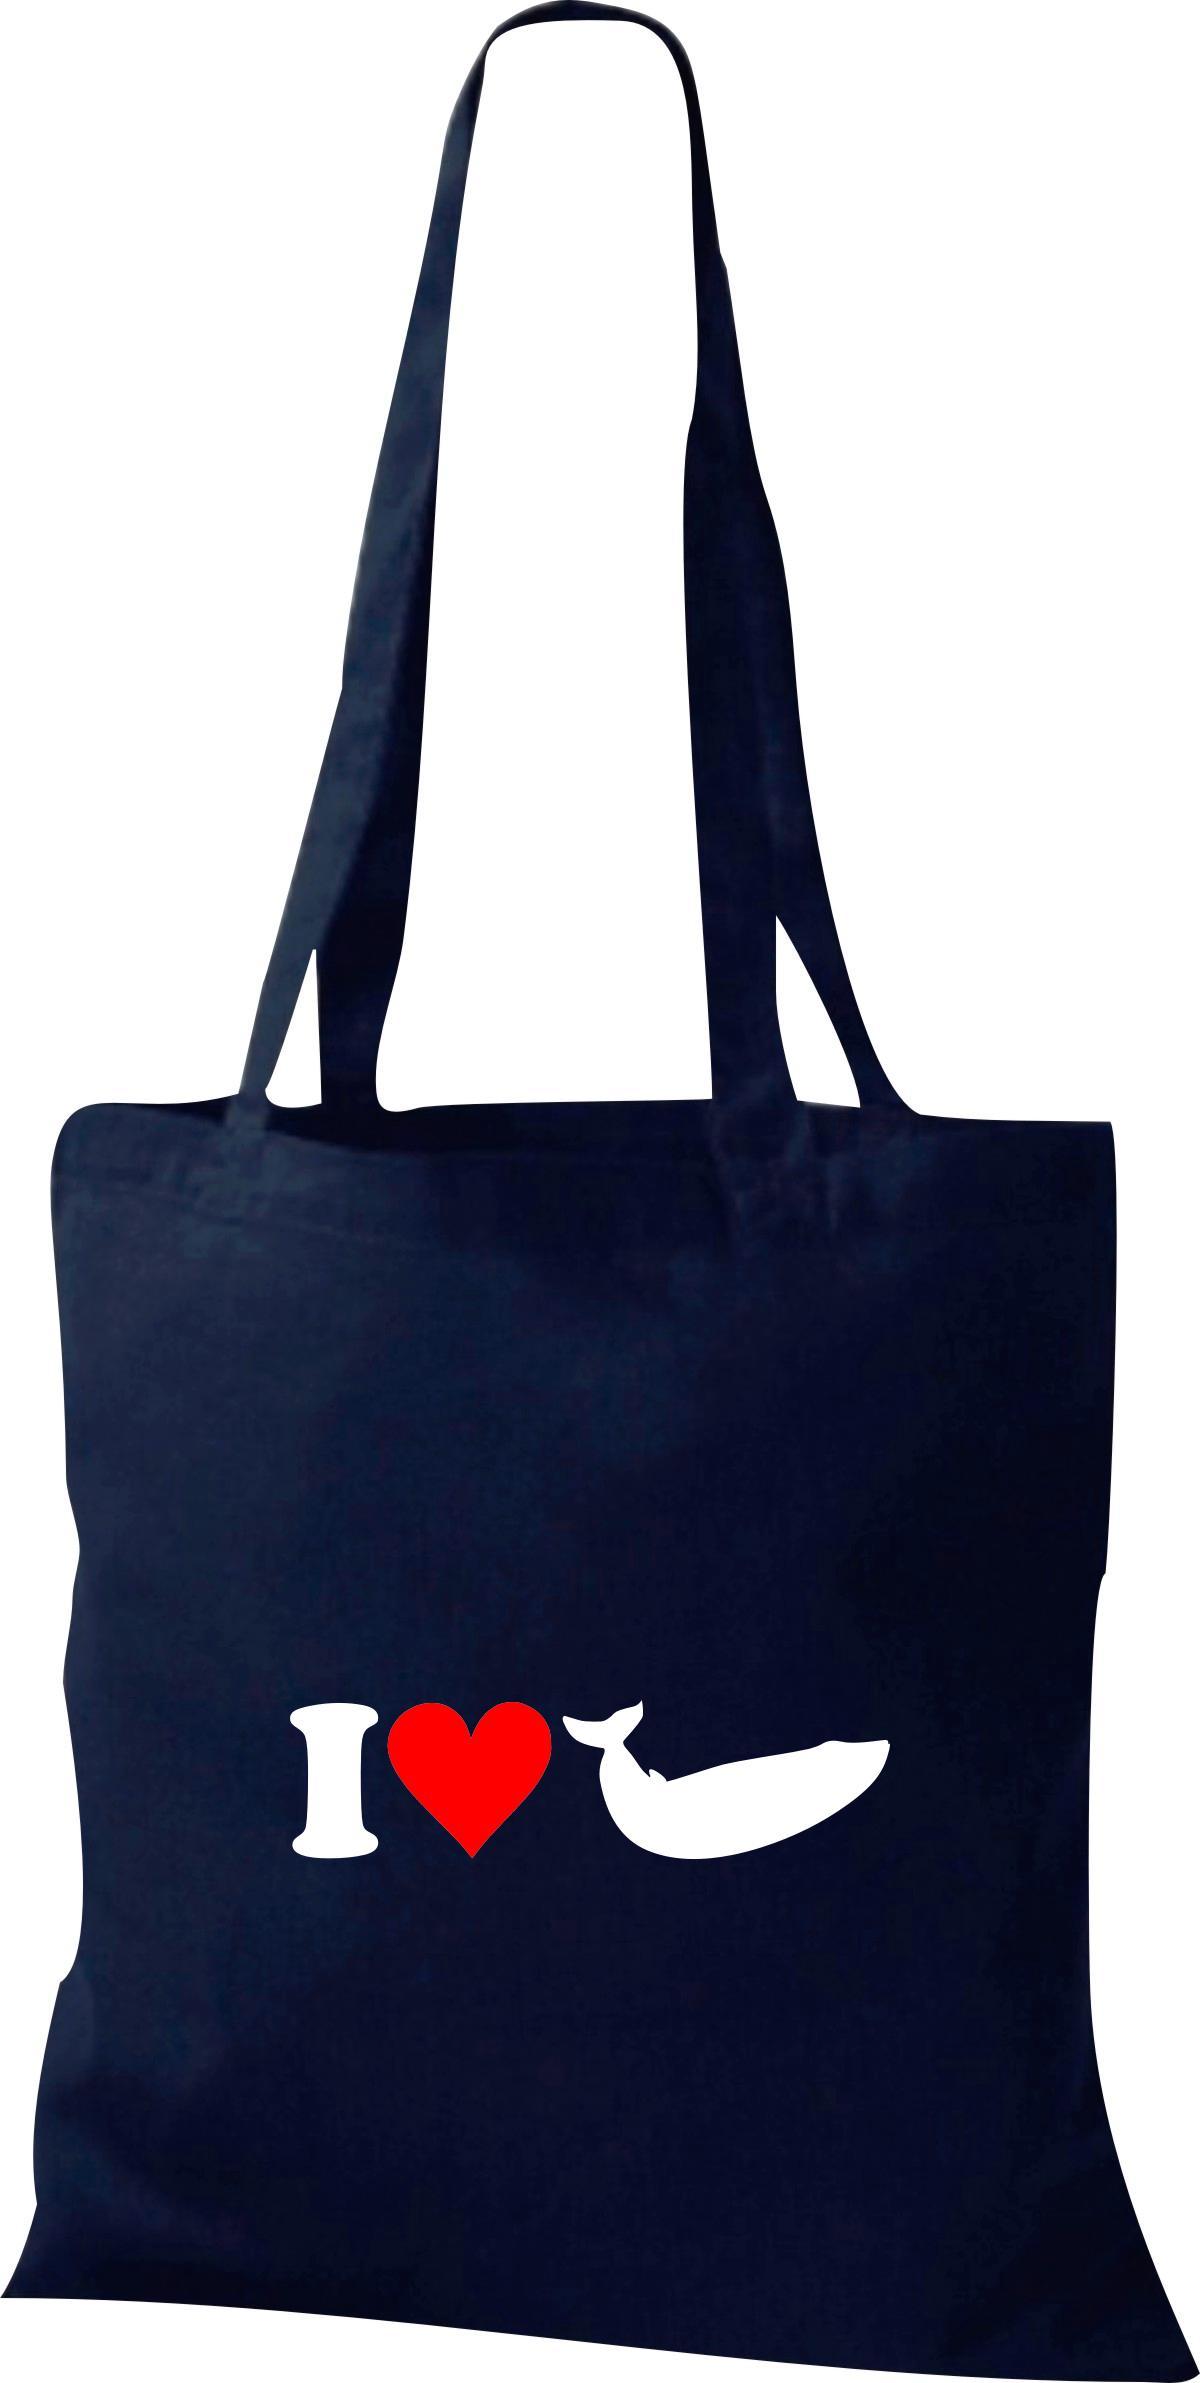 Stoffbeutel I Love Wal Orca Tiere Tiermotive Naturkult, Baumwolltasche viele Far